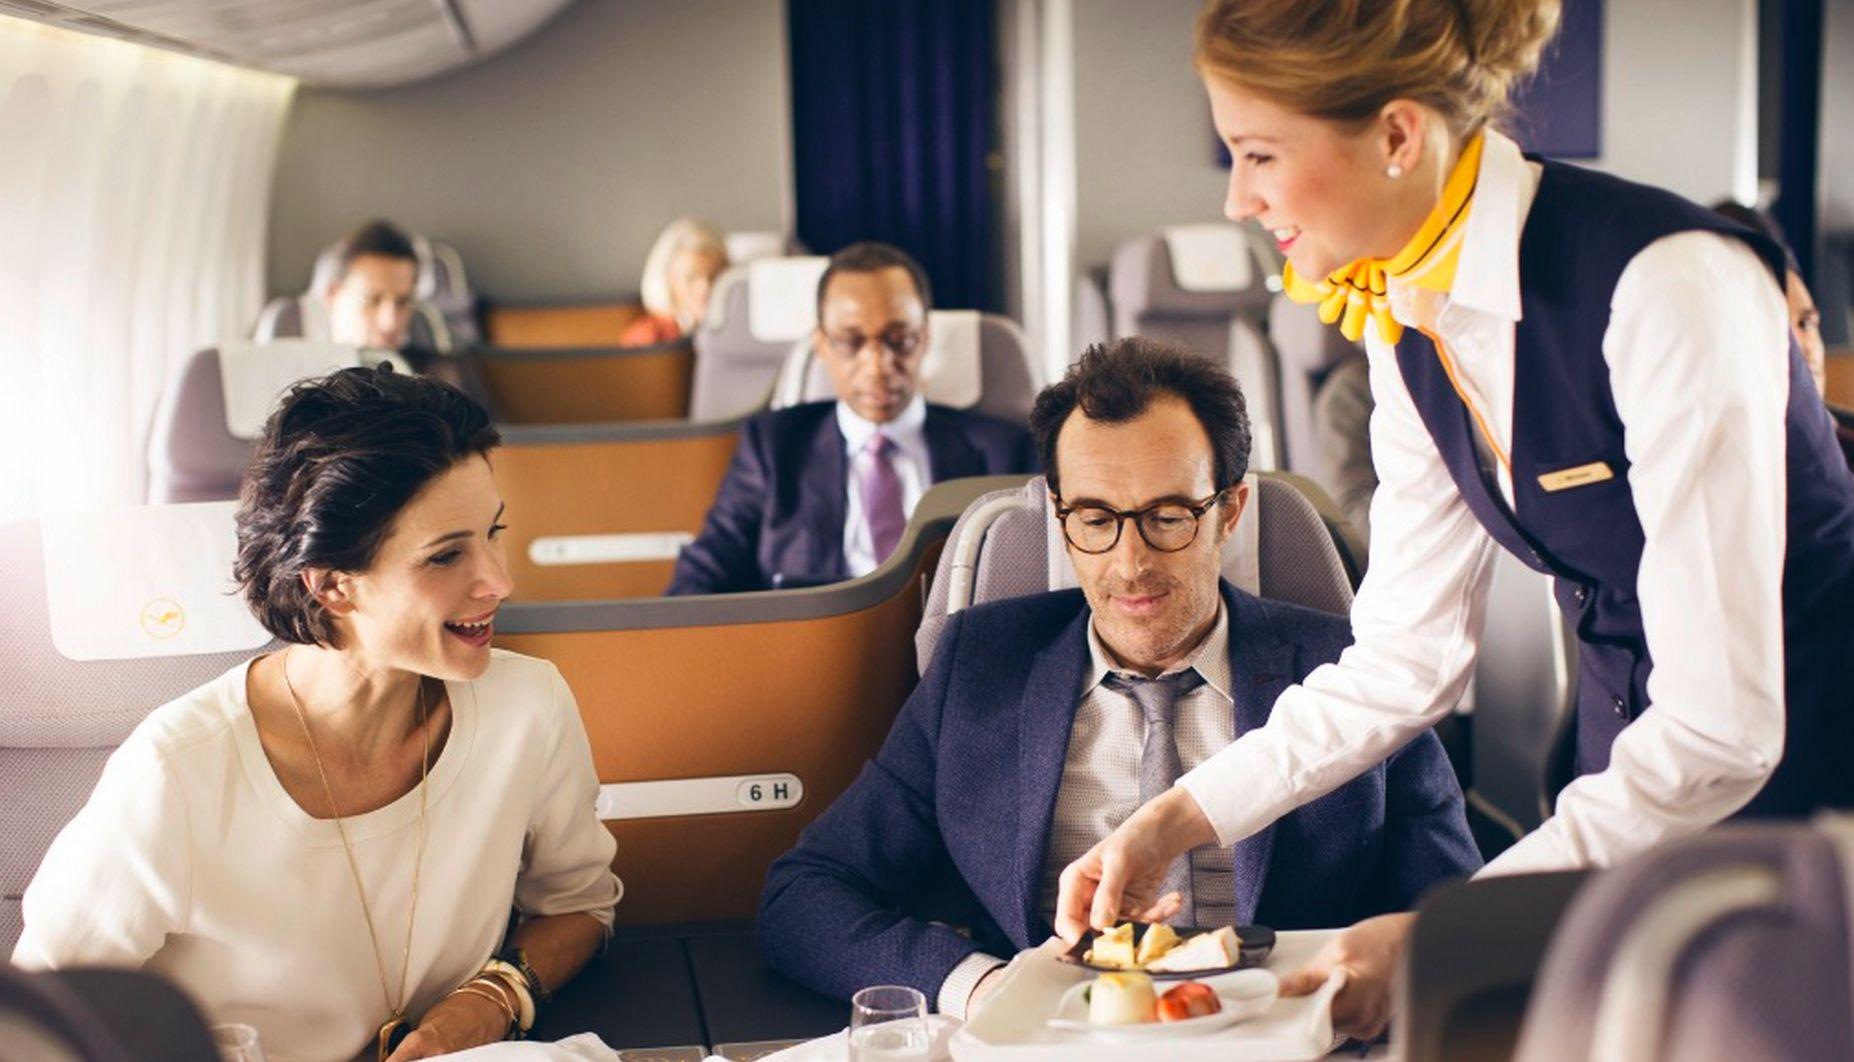 Why Crew Will Determine Success Of Lufthansa Restaurant